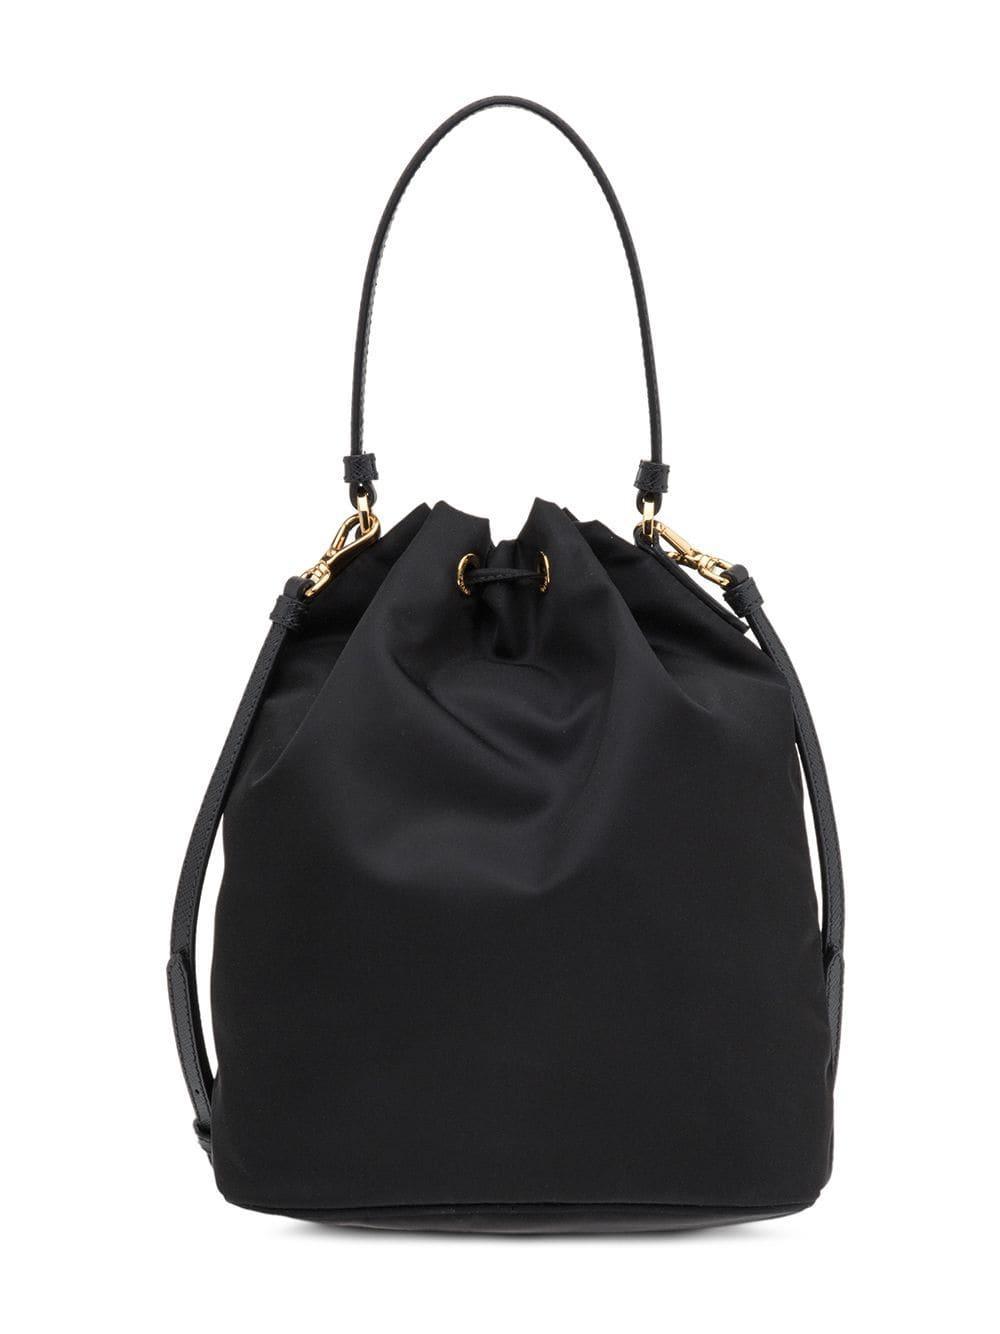 1f29cf7460ff Prada Black Fabric Bucket Bag in Black - Lyst